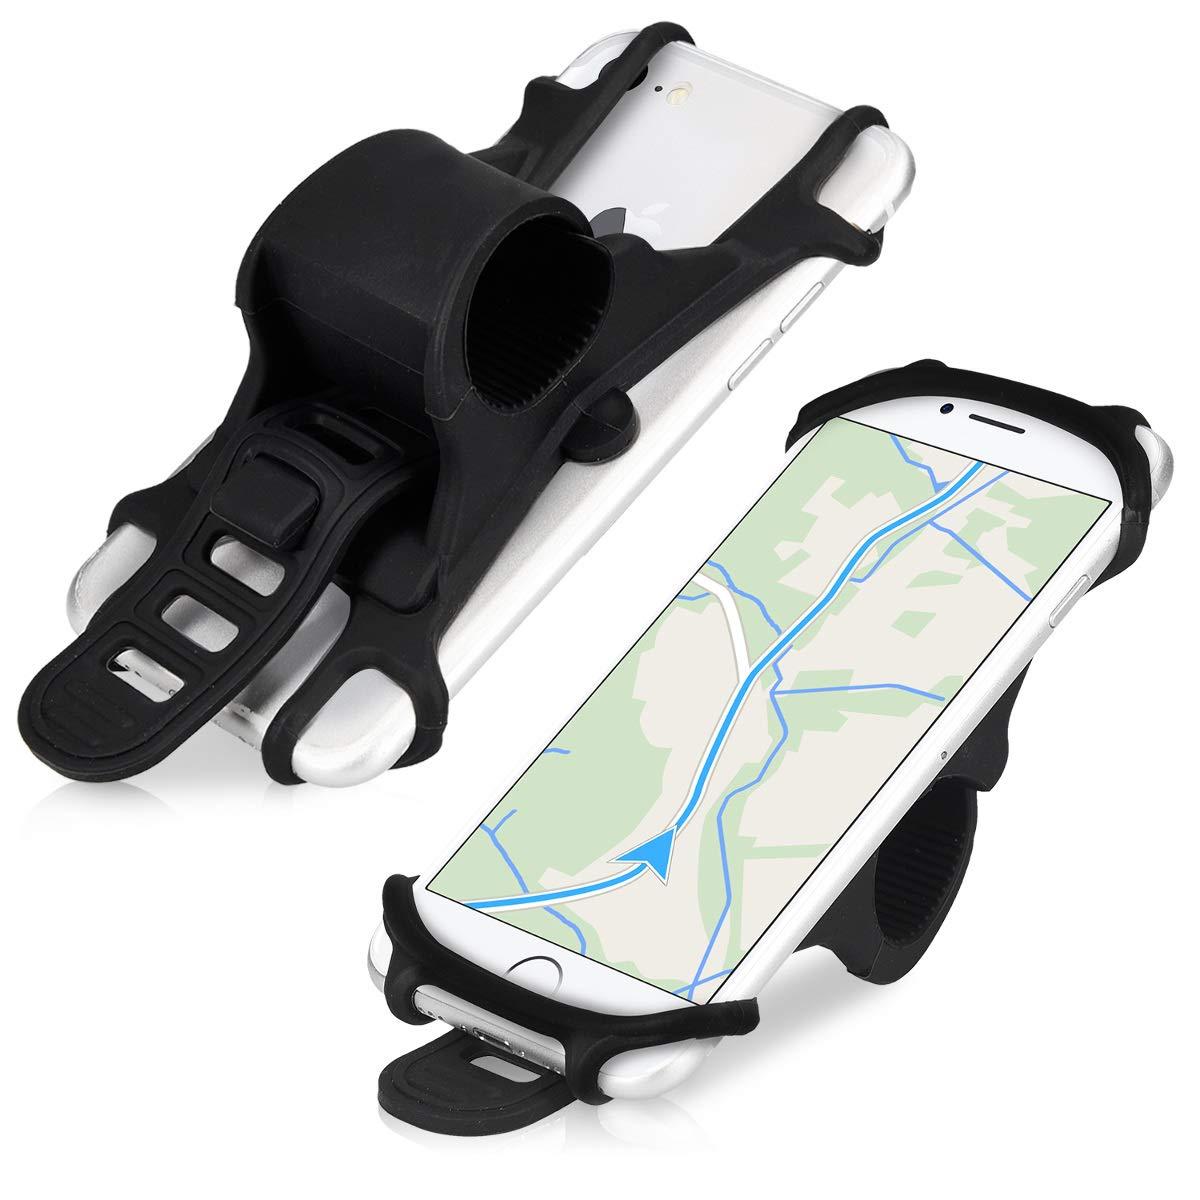 kwmobile Soporte para Bicicleta de móvil Compatible con Smartphone de Silicona: Amazon.es: Electrónica